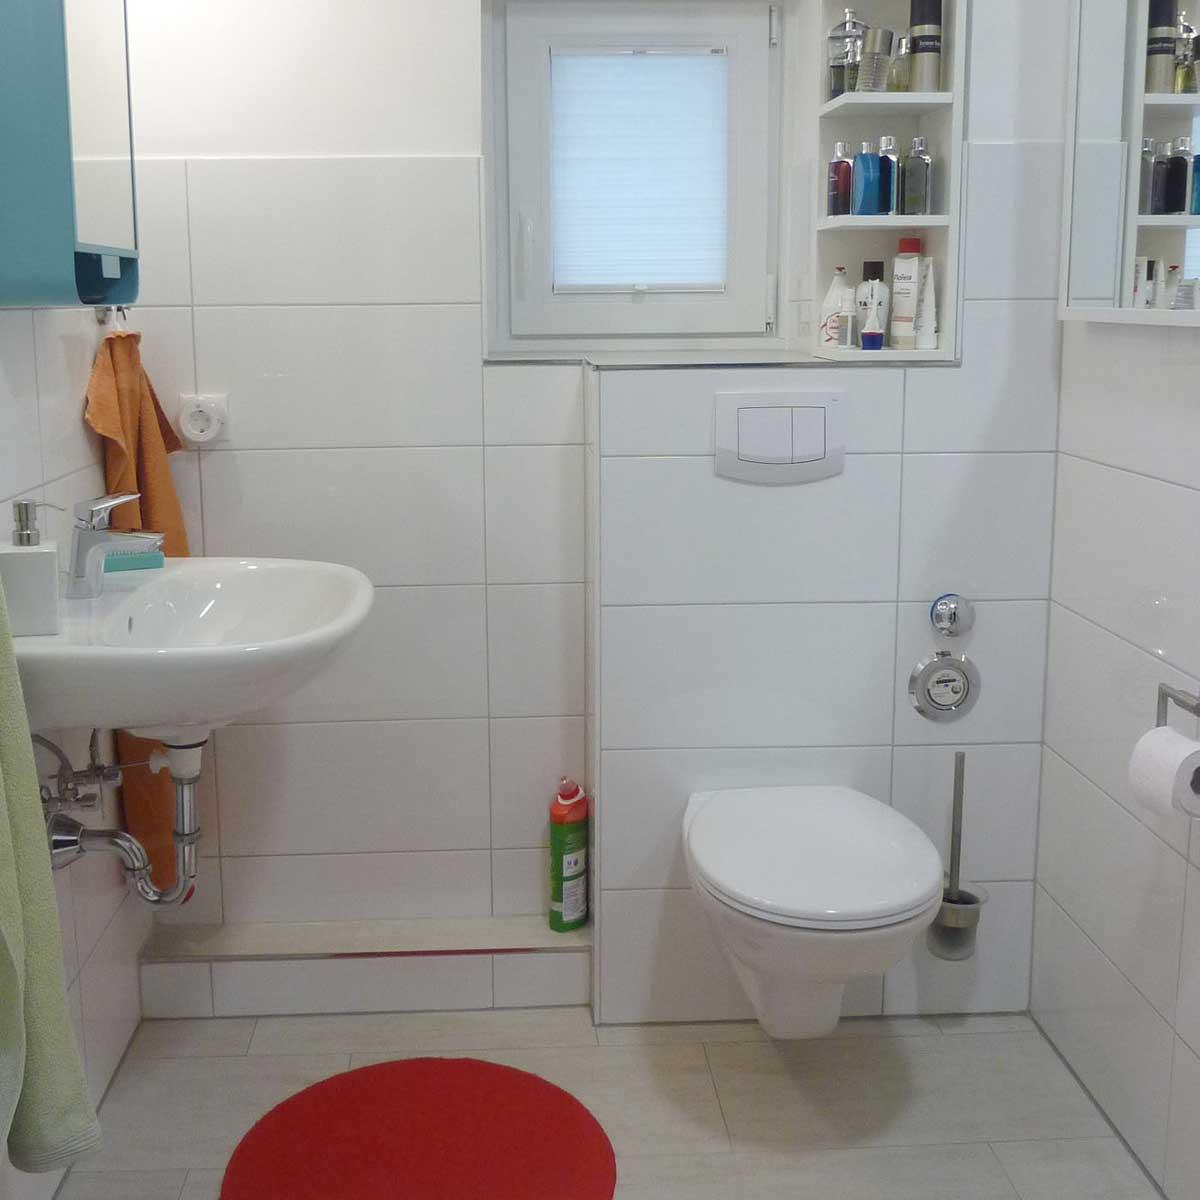 Badezimmer eines Mieters der Baugenossenschaft Kiel Hassee